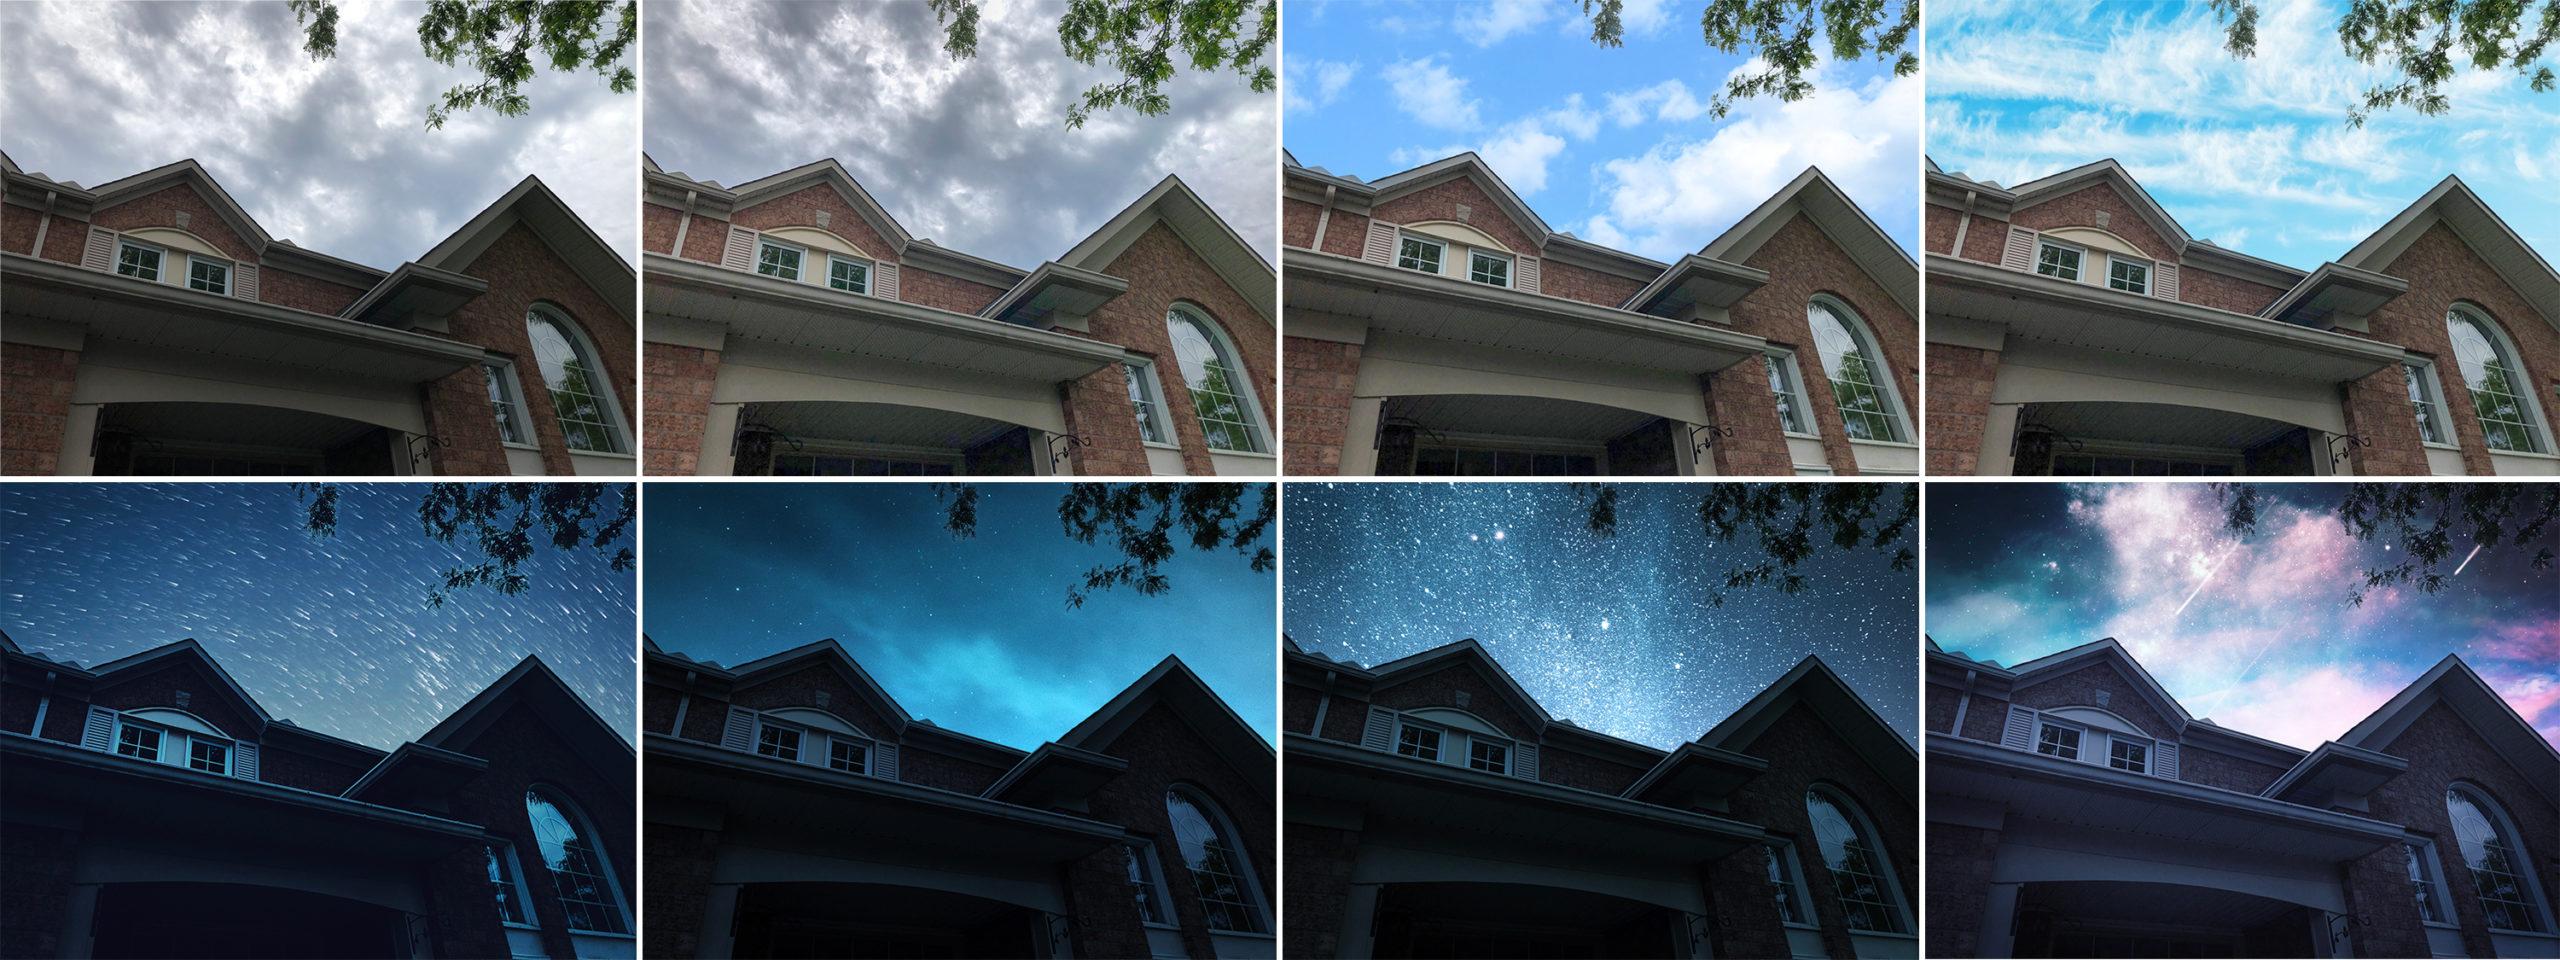 Foto original (à esquerda) e as outras são de filtros do app Photoshop Camera